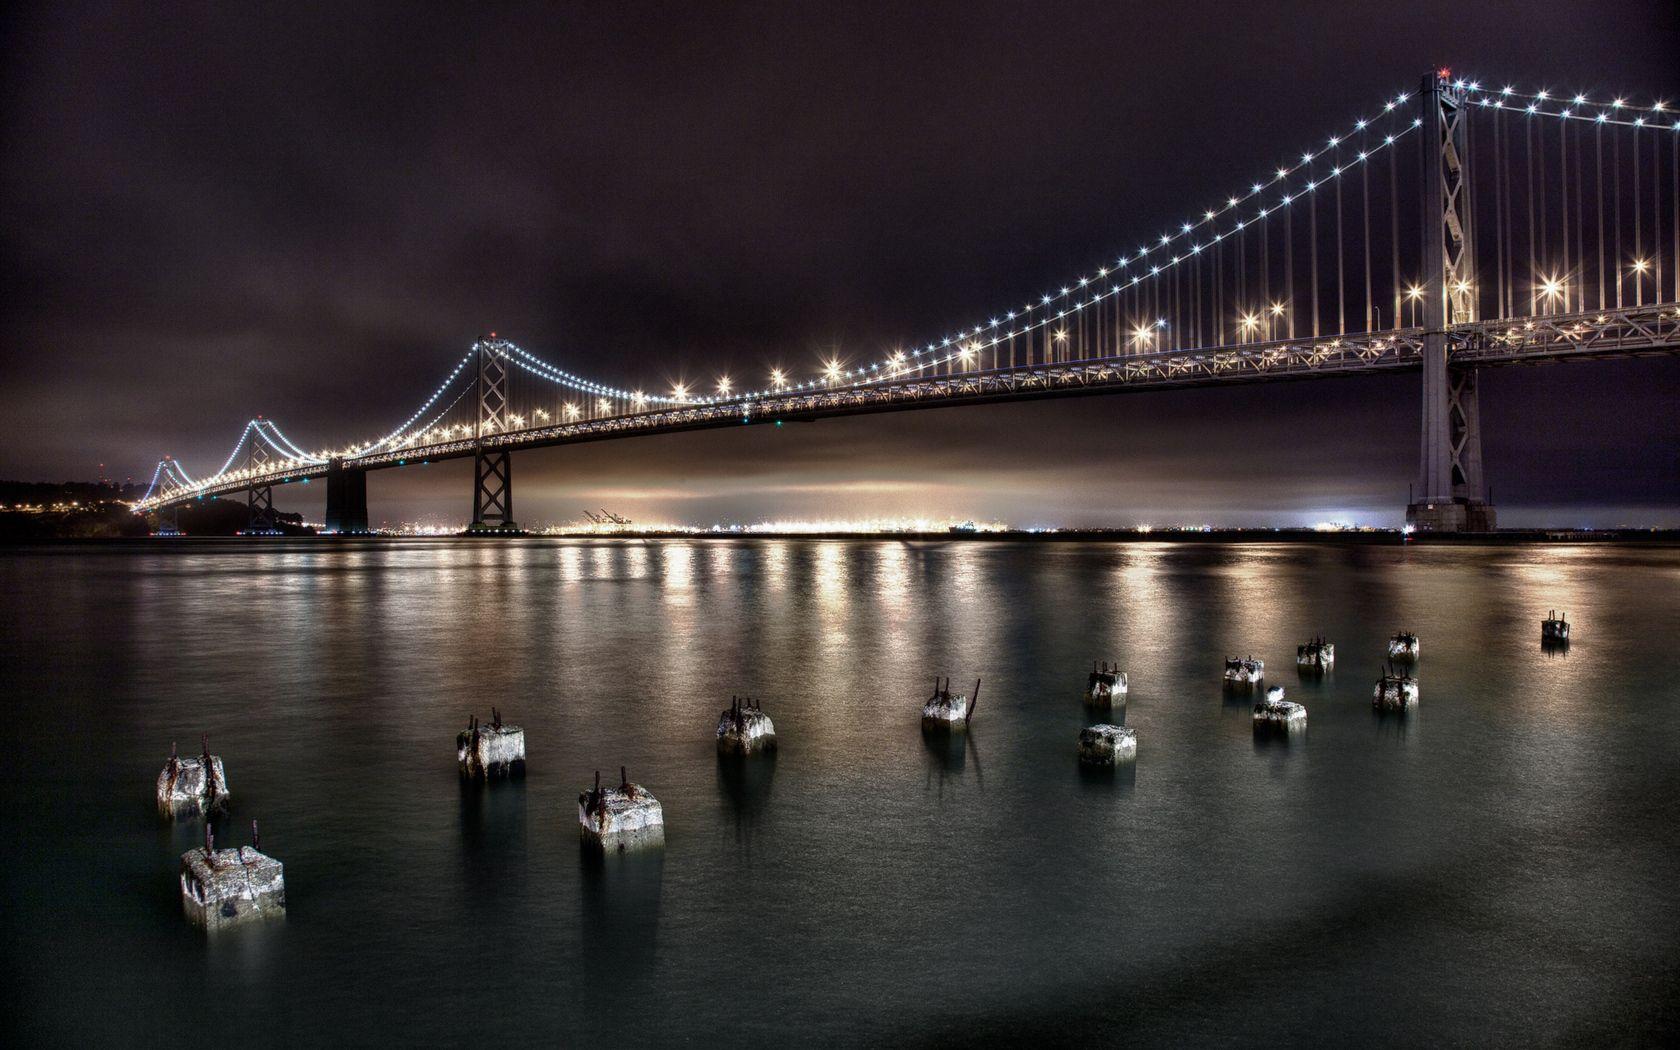 75810 скачать обои Сан-Фрациско, Мост, Золотые, Ворота, Ночь, Небо, Вода, Огни, Свет, Города - заставки и картинки бесплатно